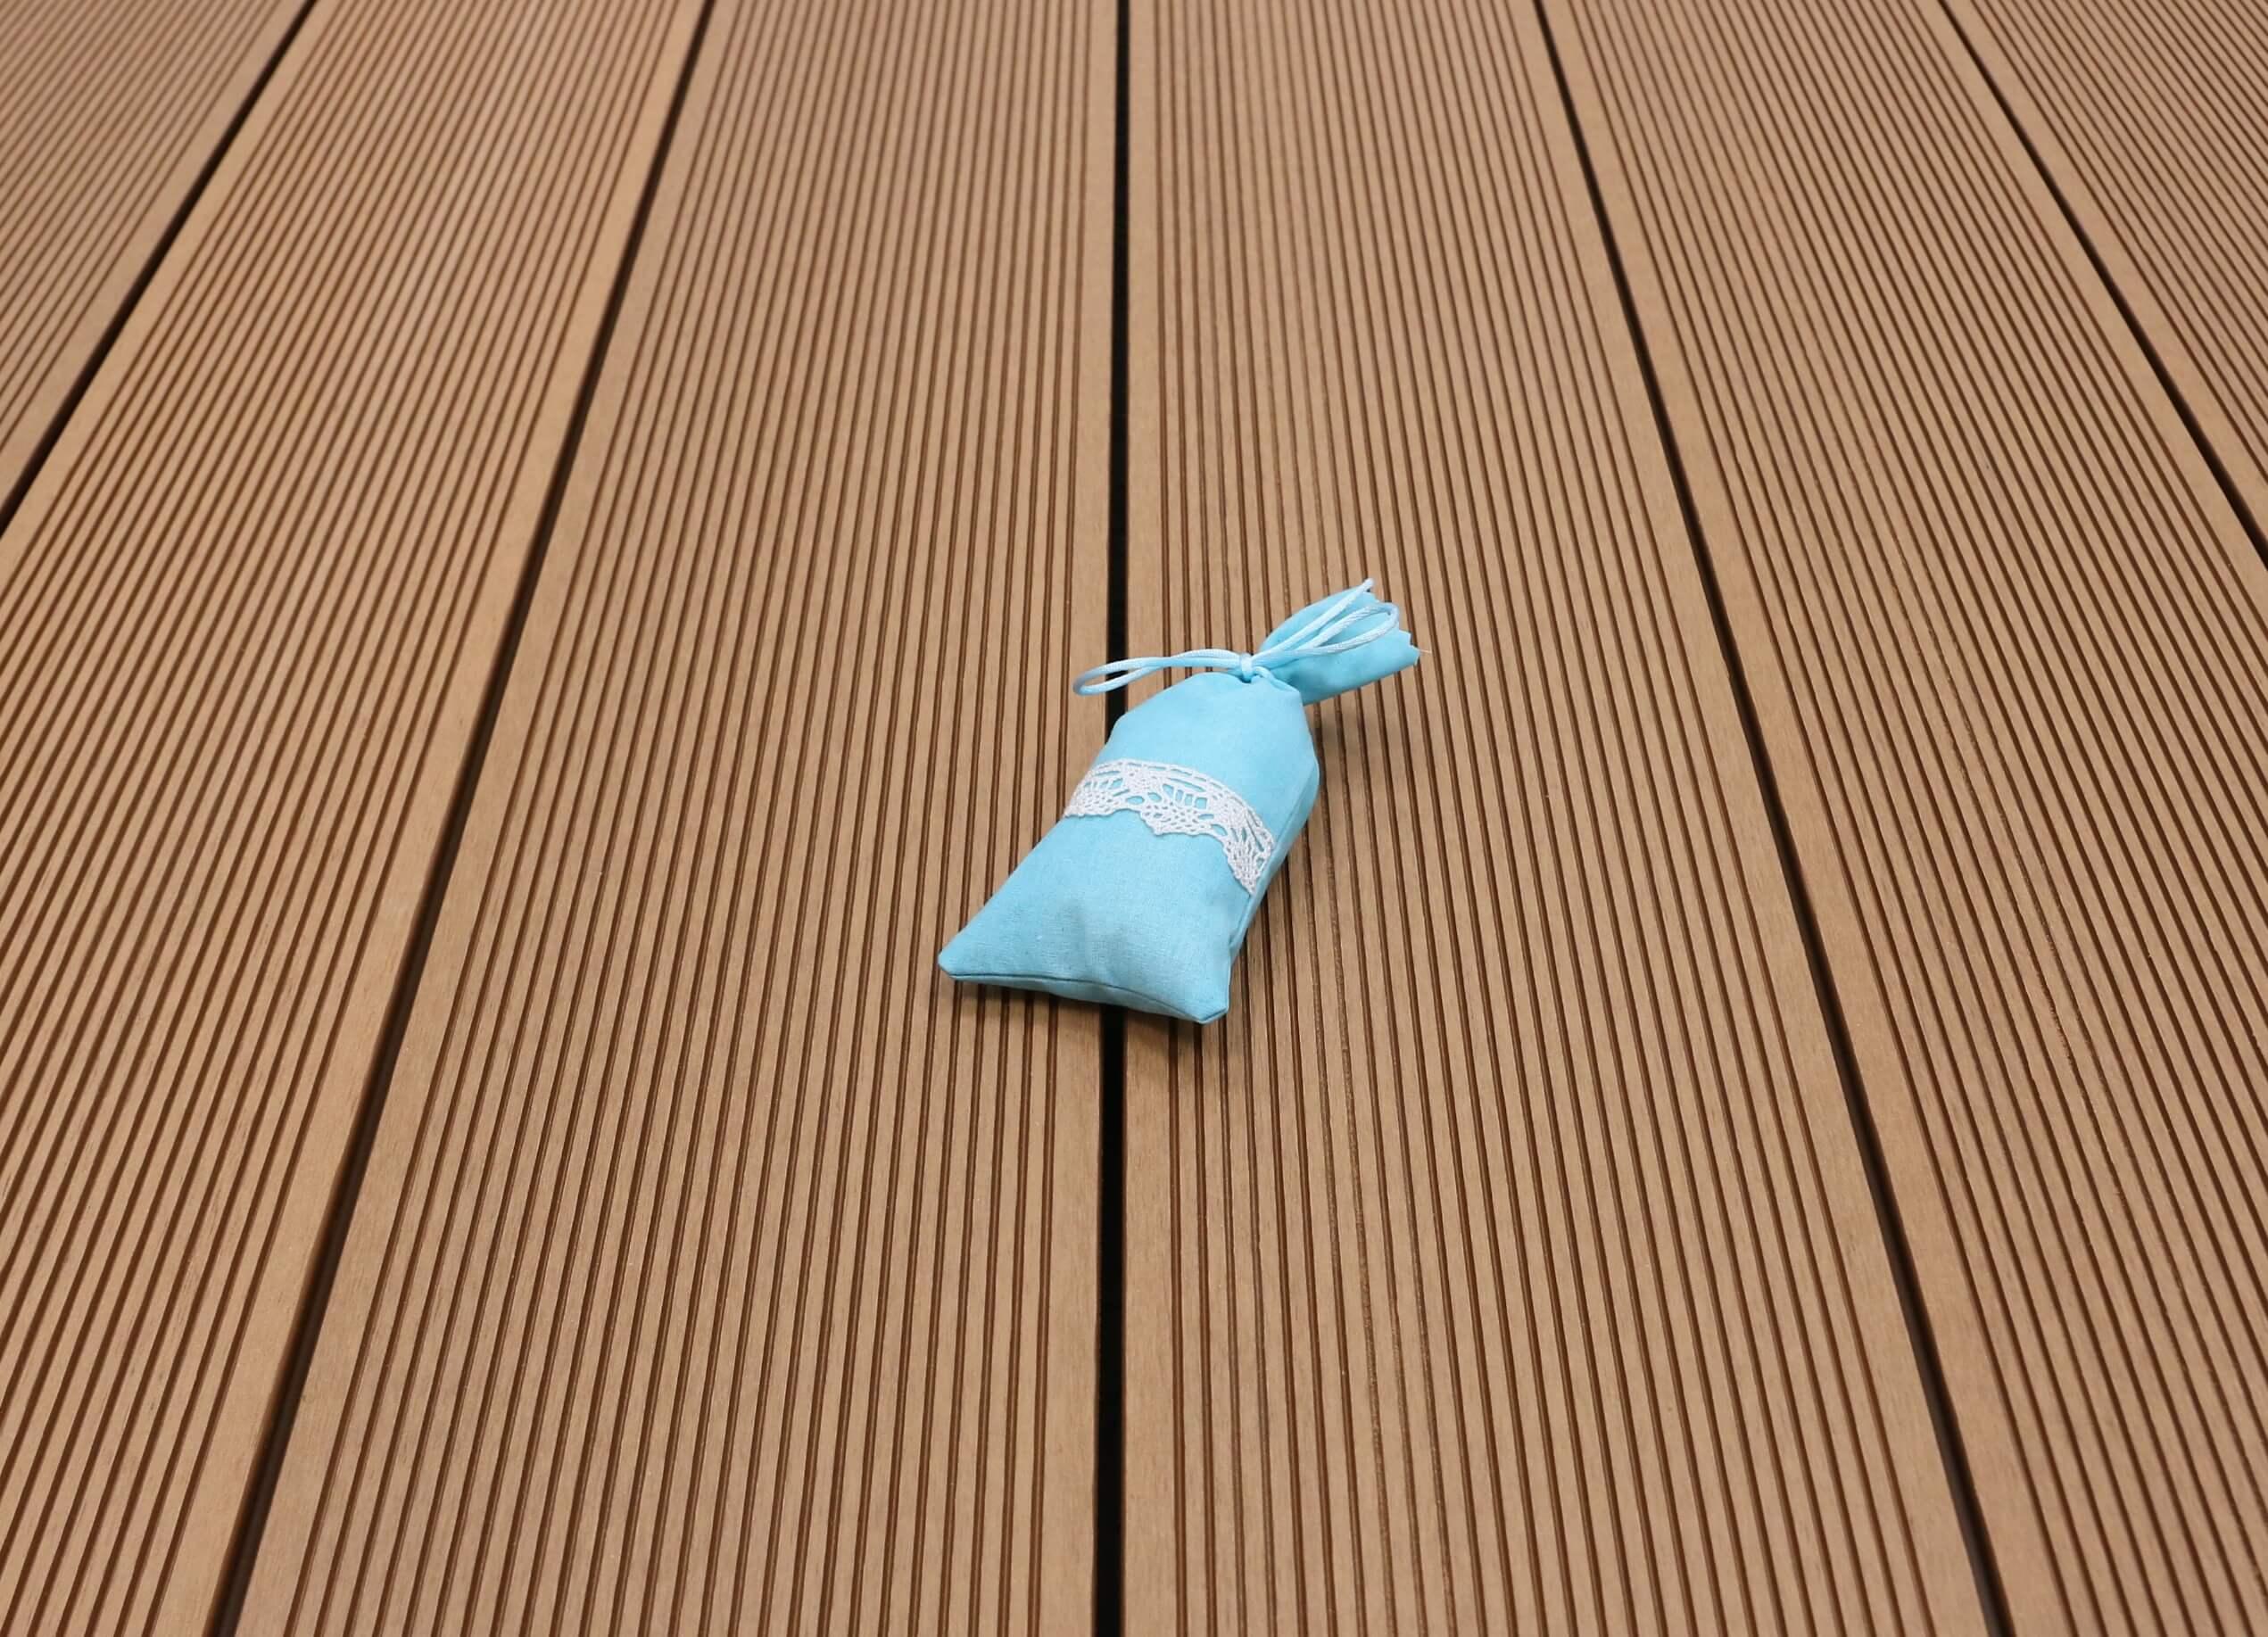 WPC Terrassendielen Hohlkammer, Oberfläche fein gerillt, Farbton hellbraun, 22 x 146 bis 4800 mm für 5,30 €/lfm